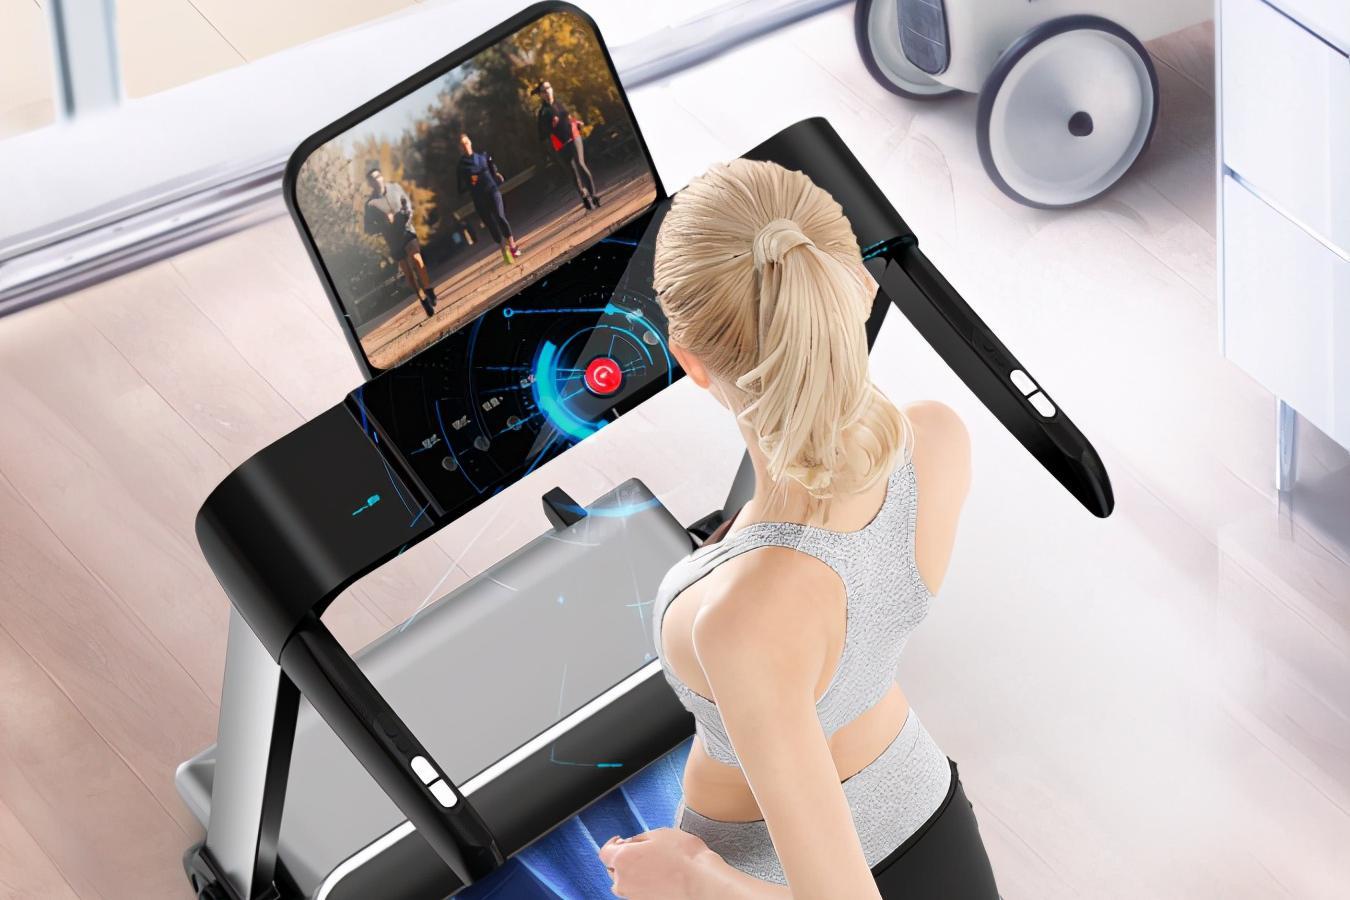 生命在于运动,拥有它,只需要一张健身房月卡的钱